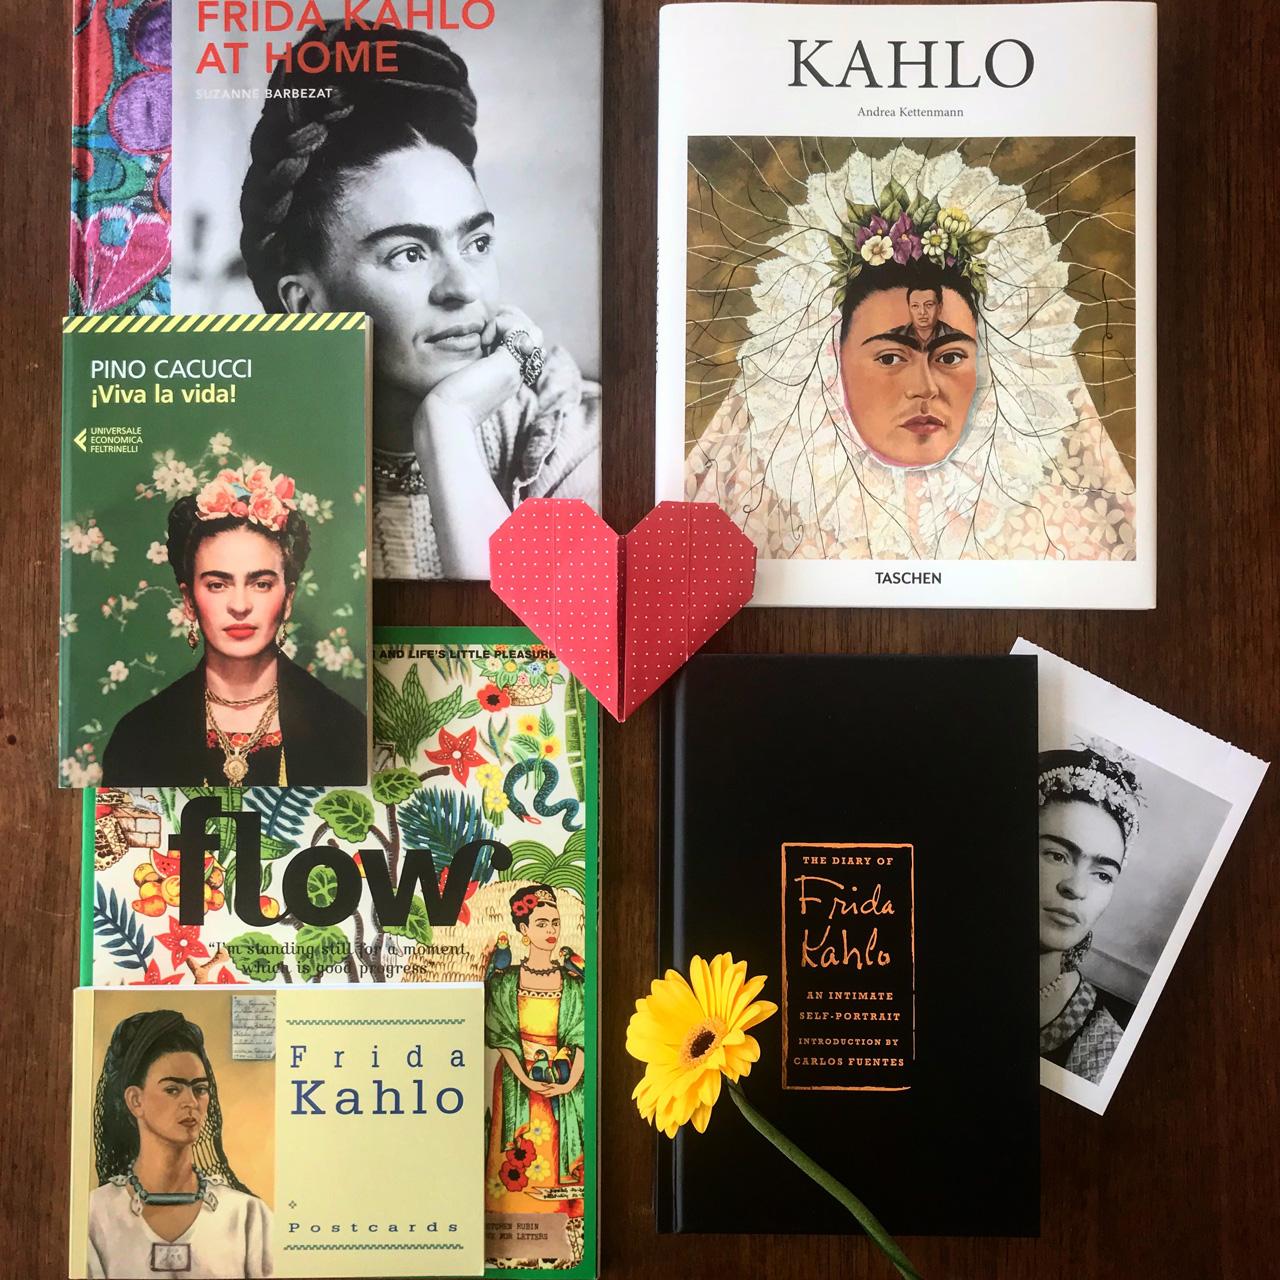 Frida Kahlo: Suggested Reading